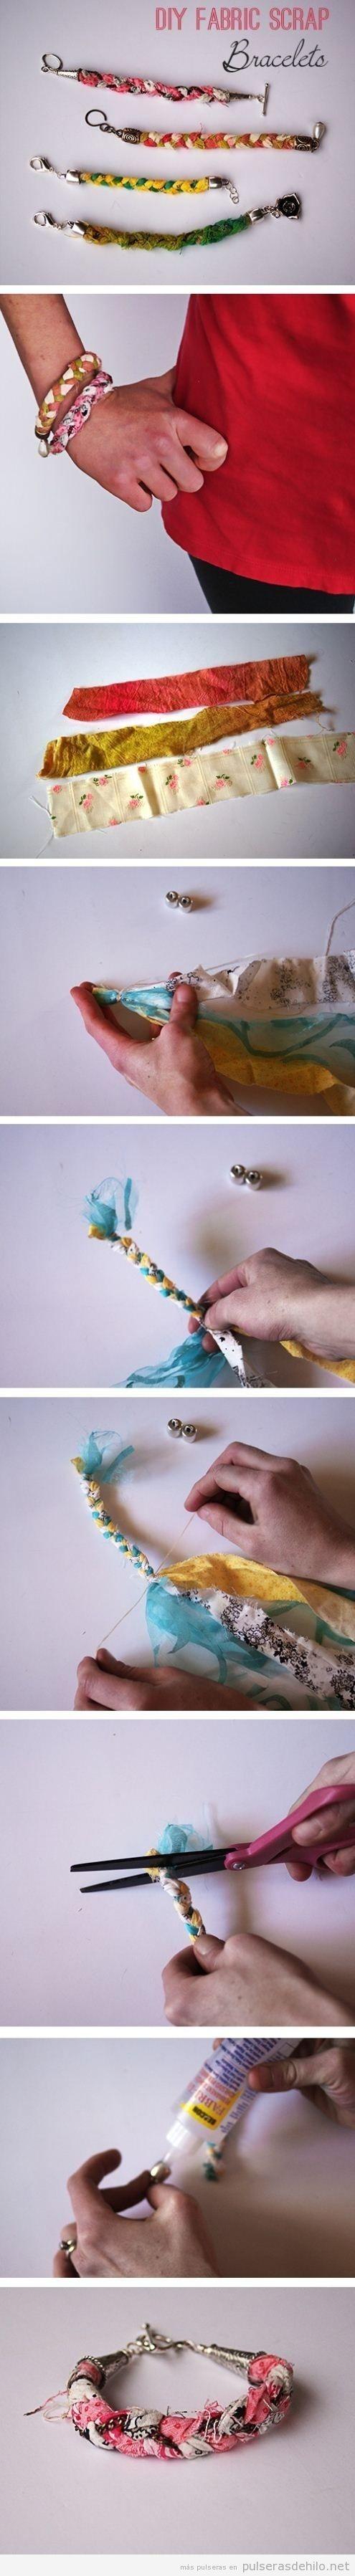 Tutorial para aprende ra hacer uan pulsera DIY hechas con retales